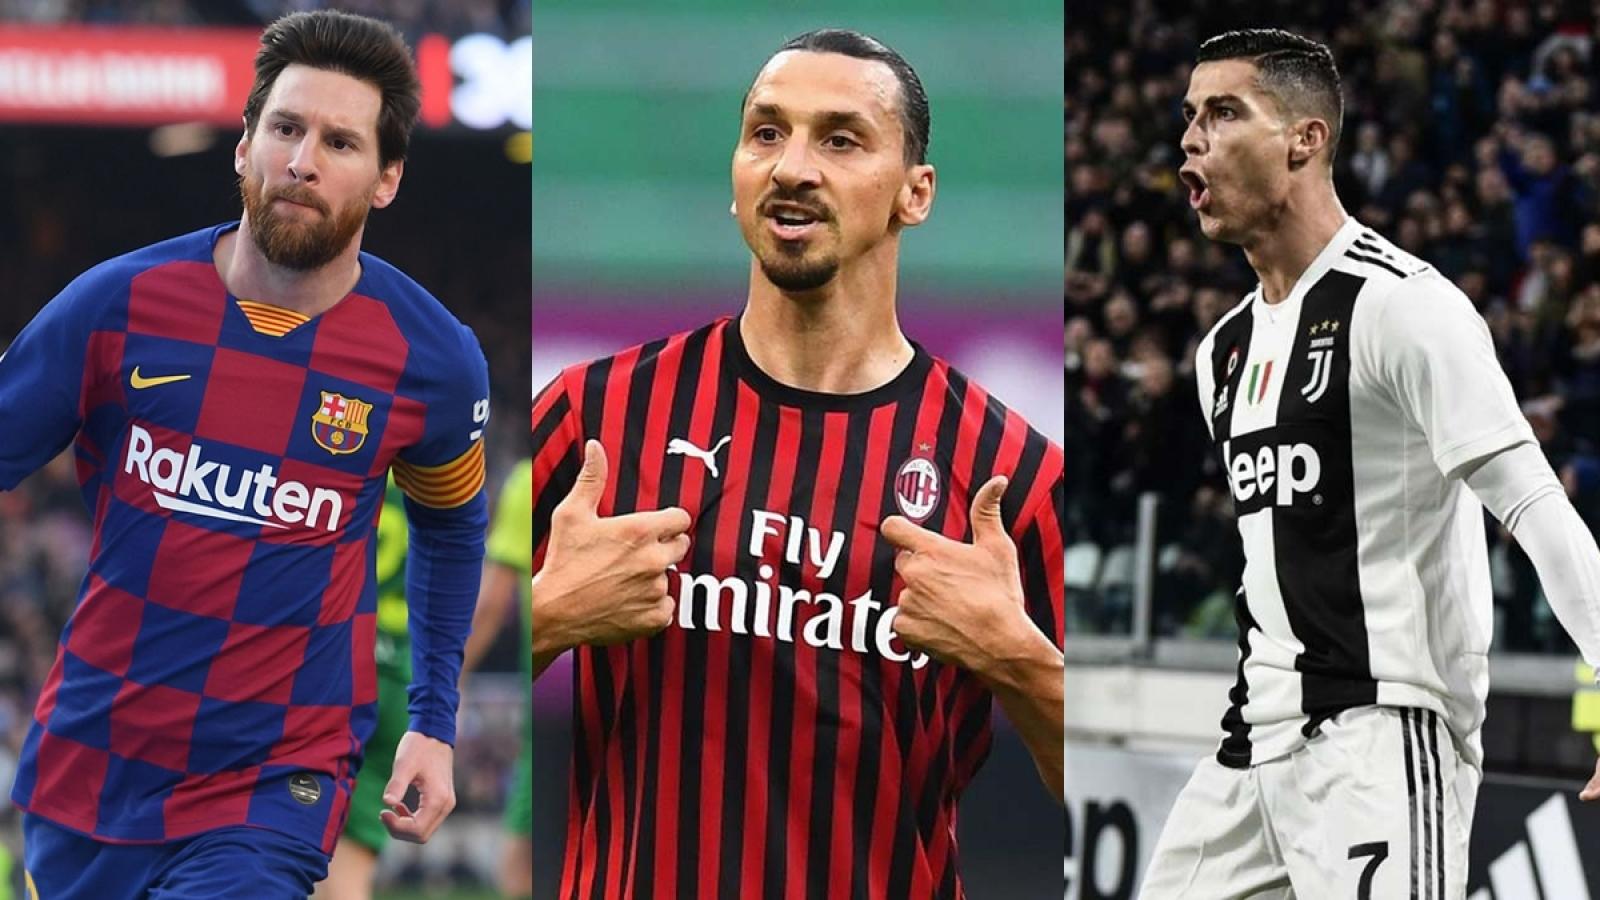 """Top 10 cầu thủ """"toàn năng"""" nhất 2020: Ibrahimovic """"chung mâm"""" với Messi và Ronaldo"""